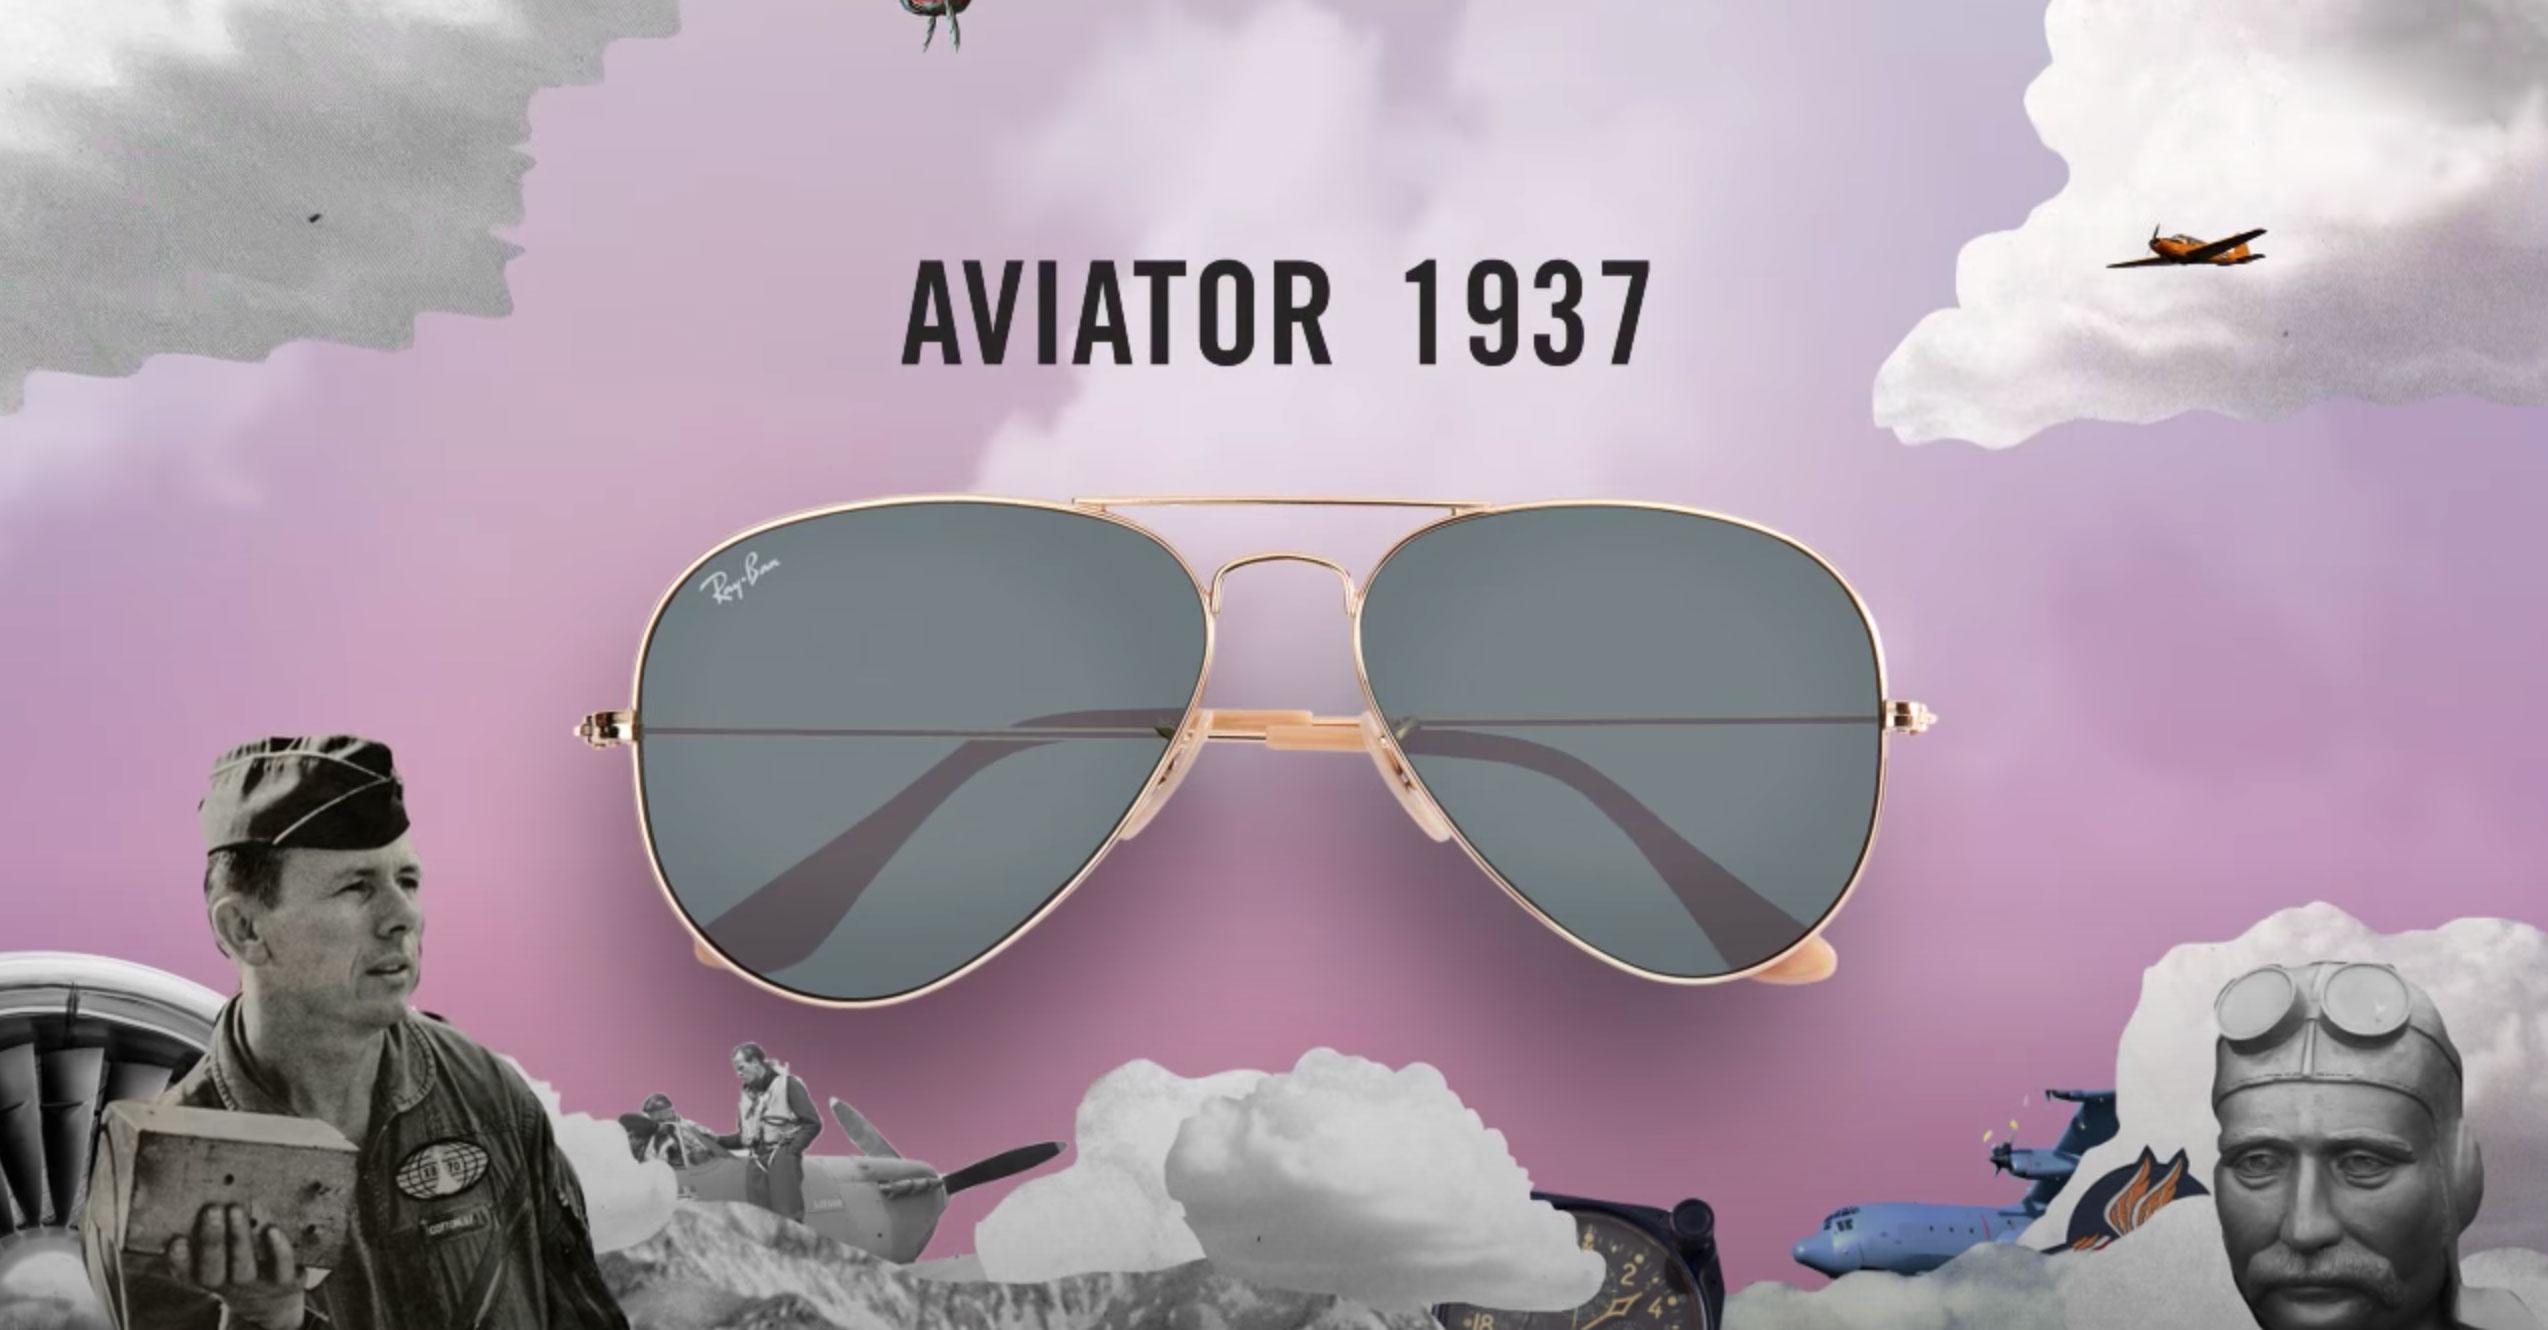 Aviator 1937